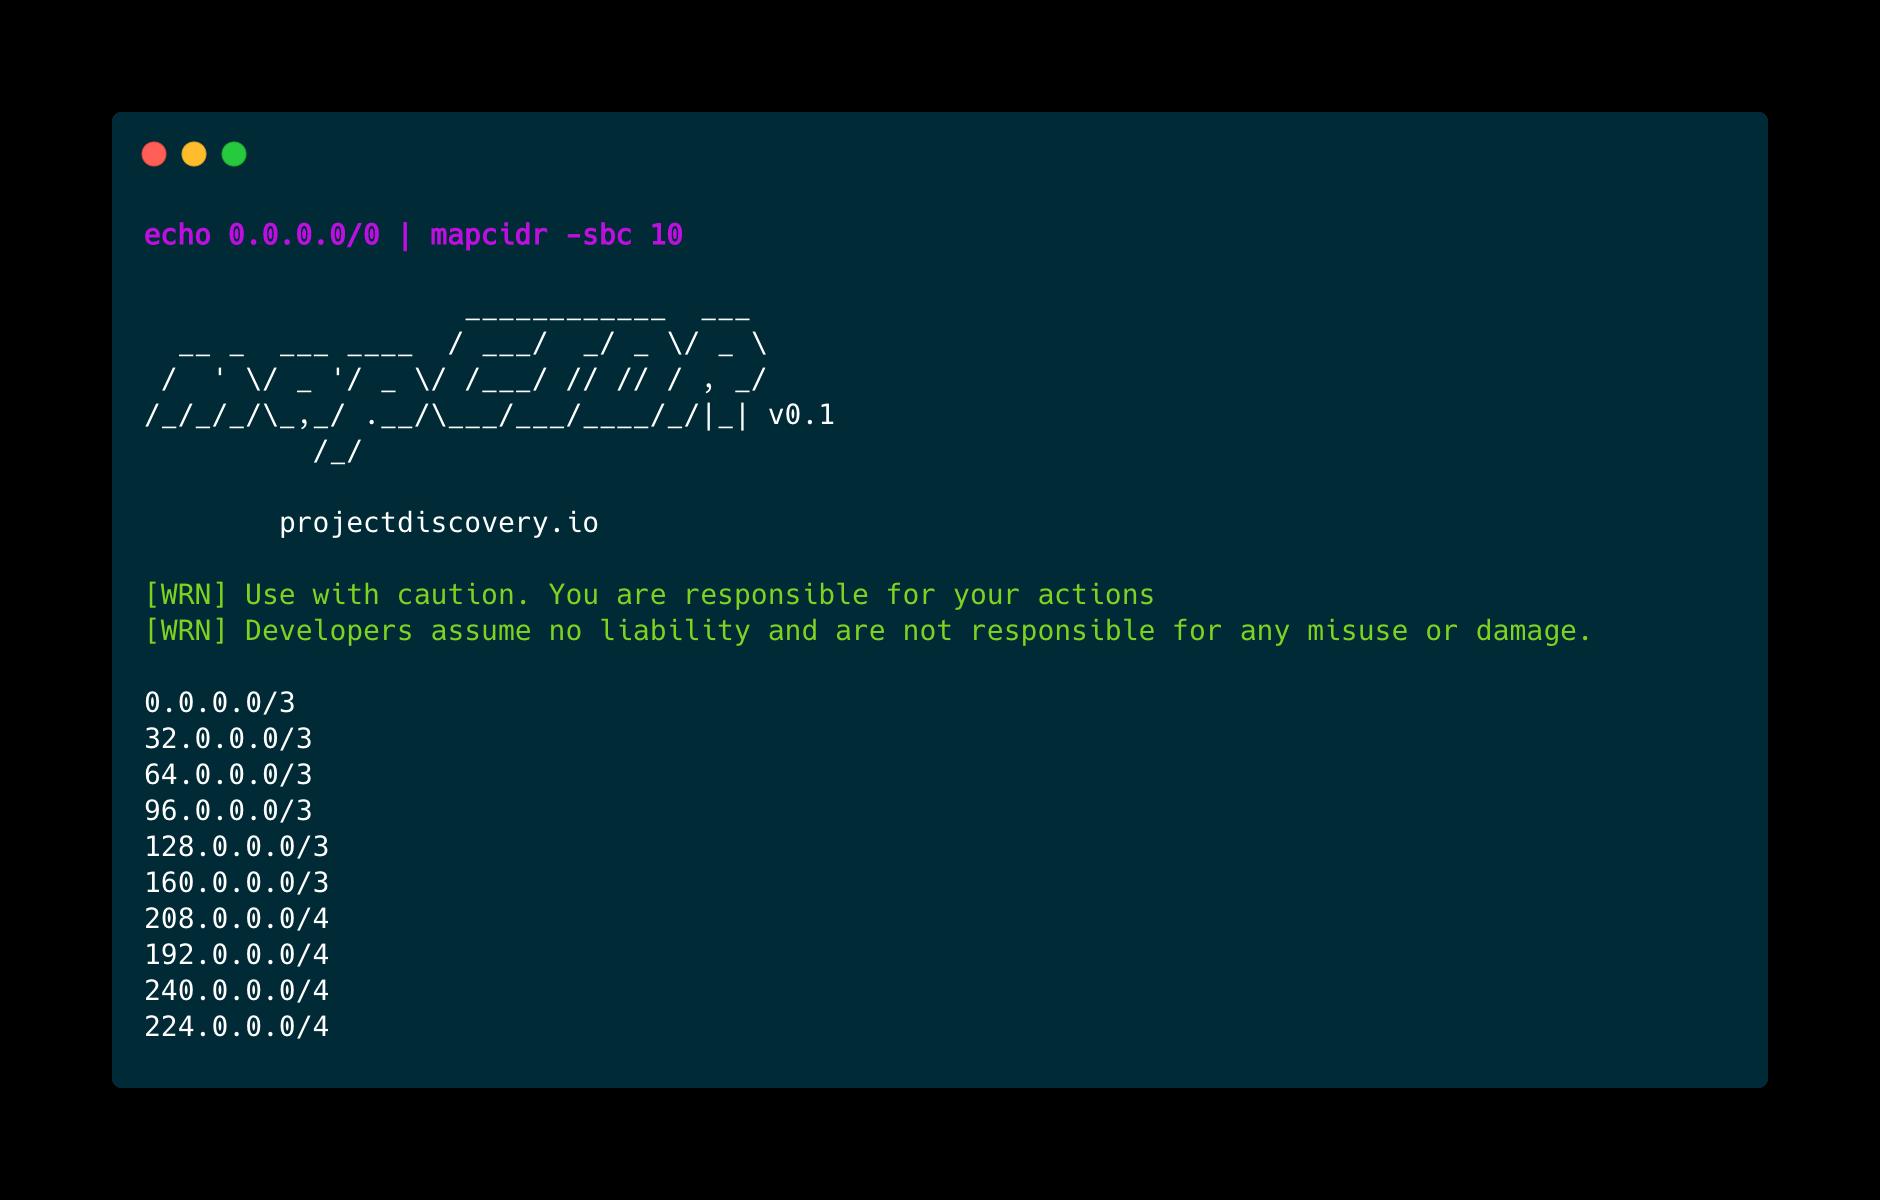 mapcidr: given subnet/CIDR ranges